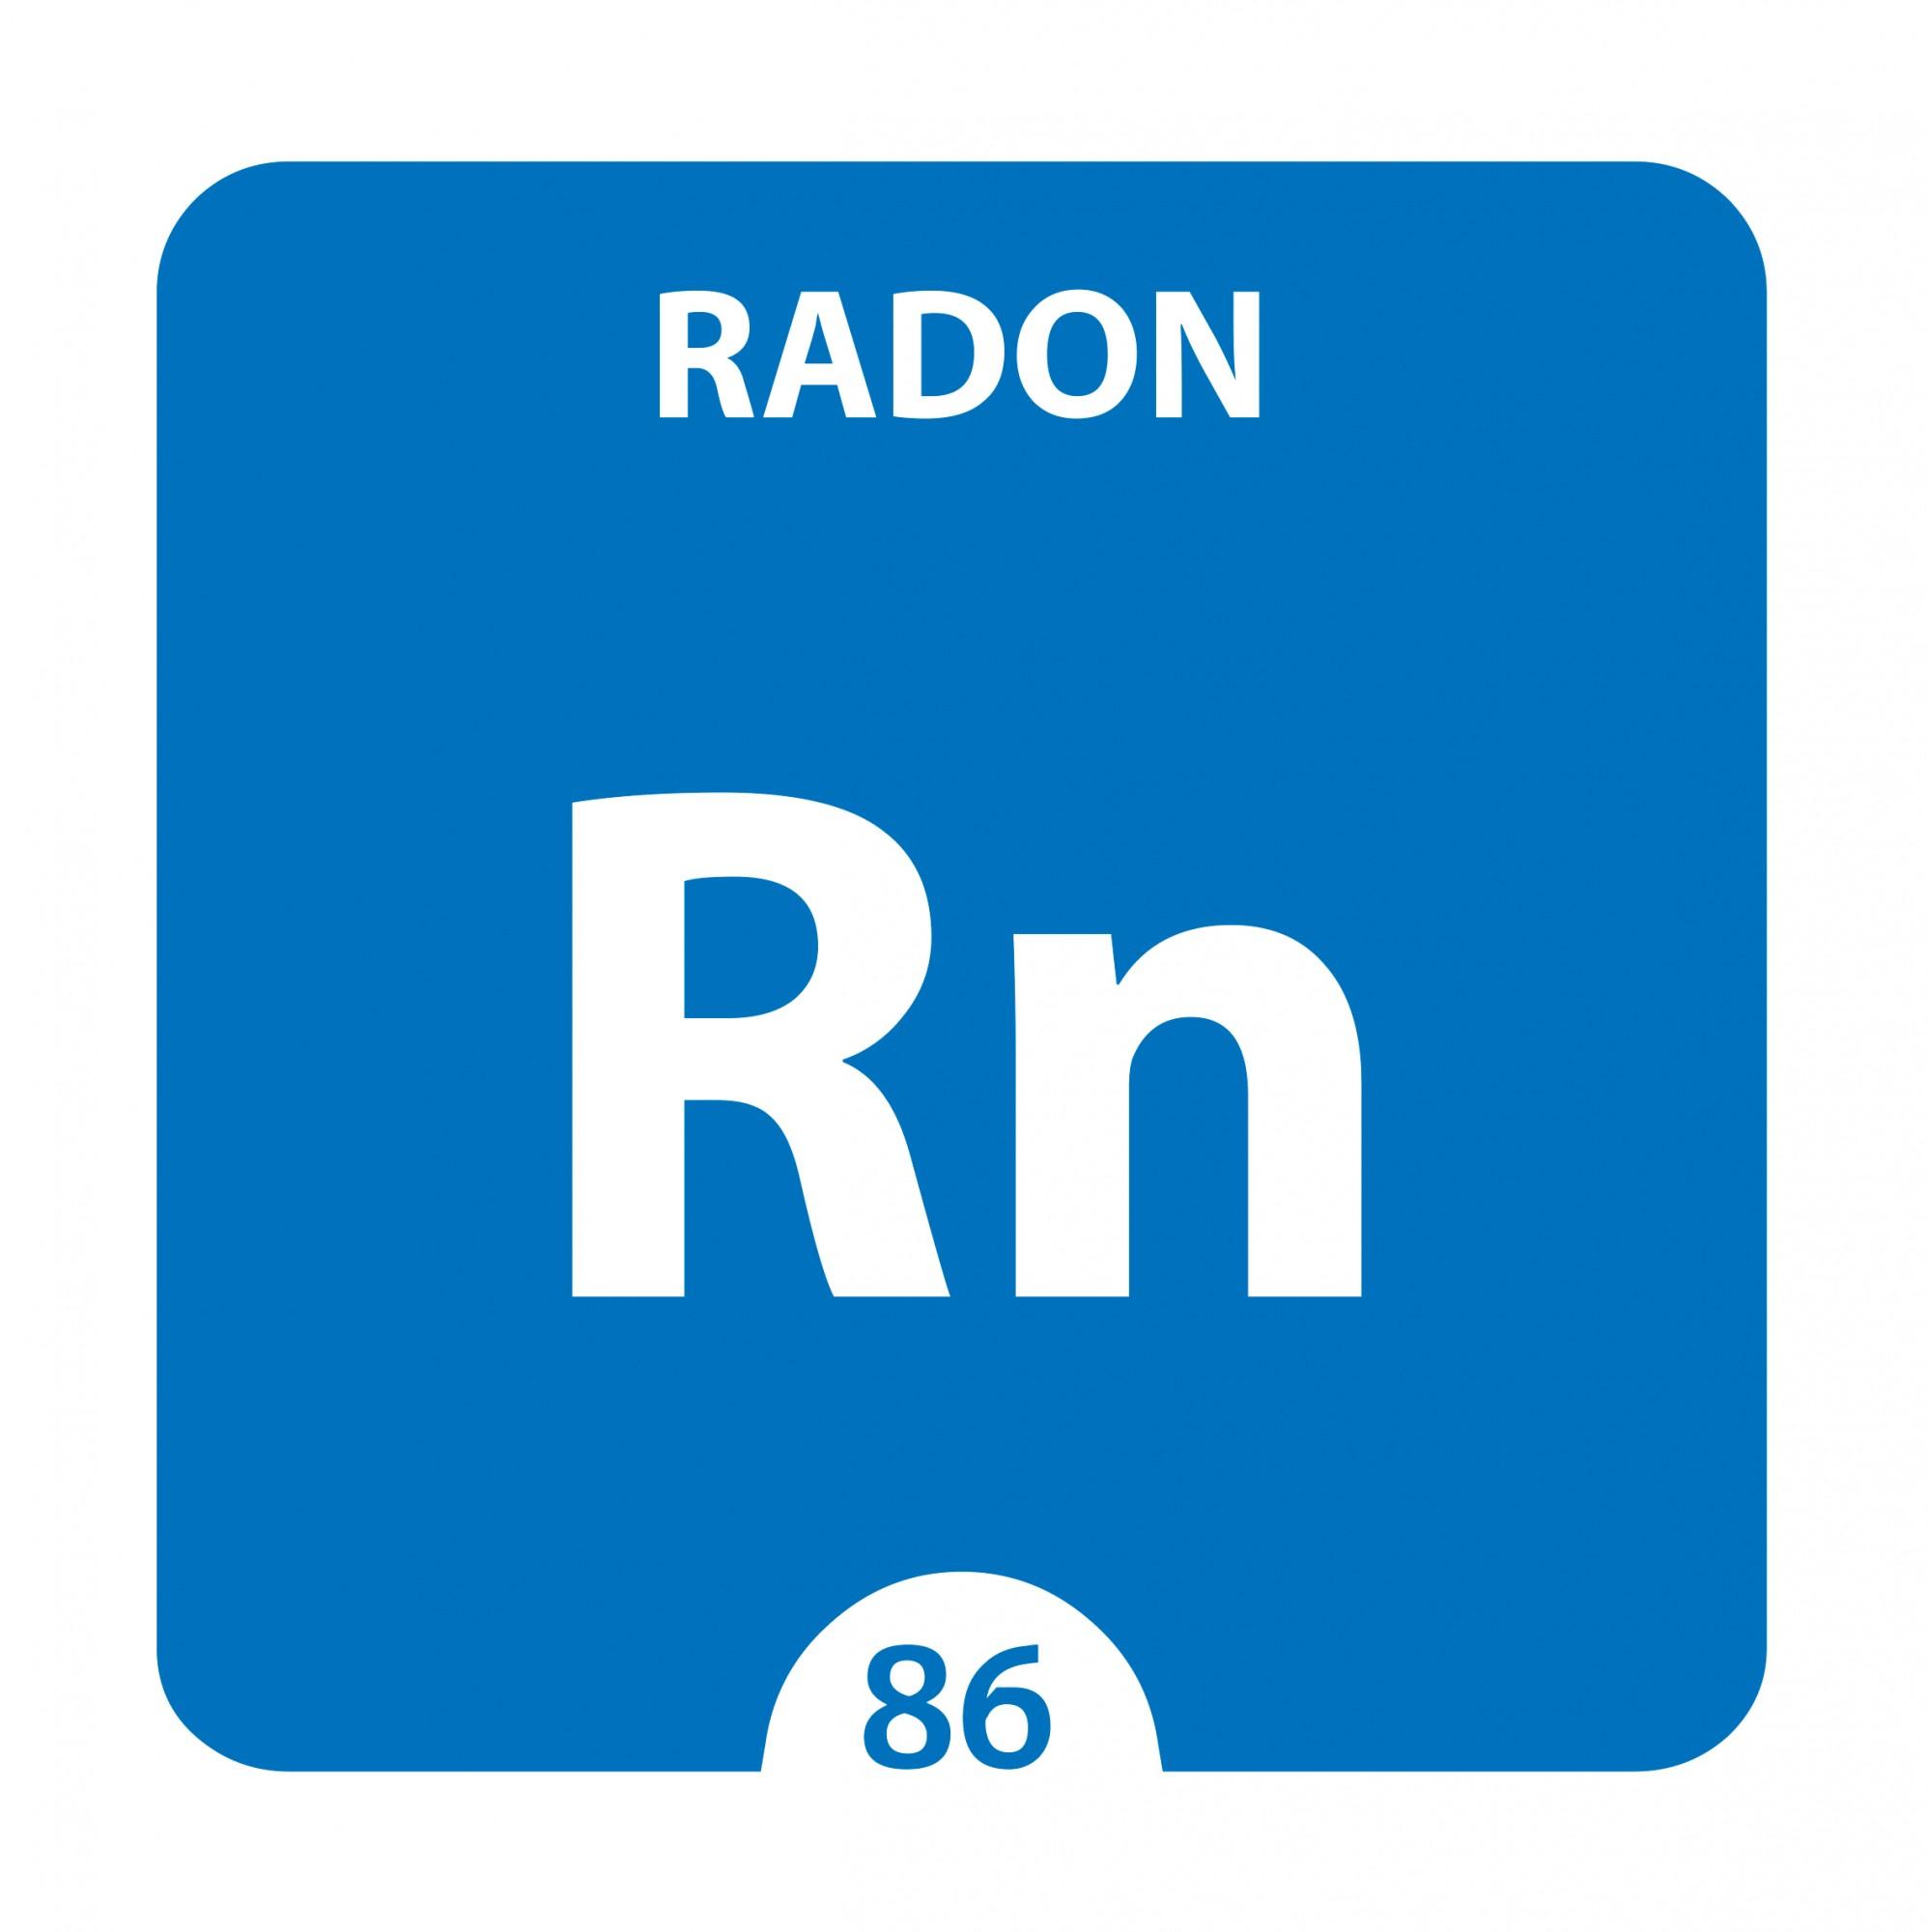 Radon Element Symbol